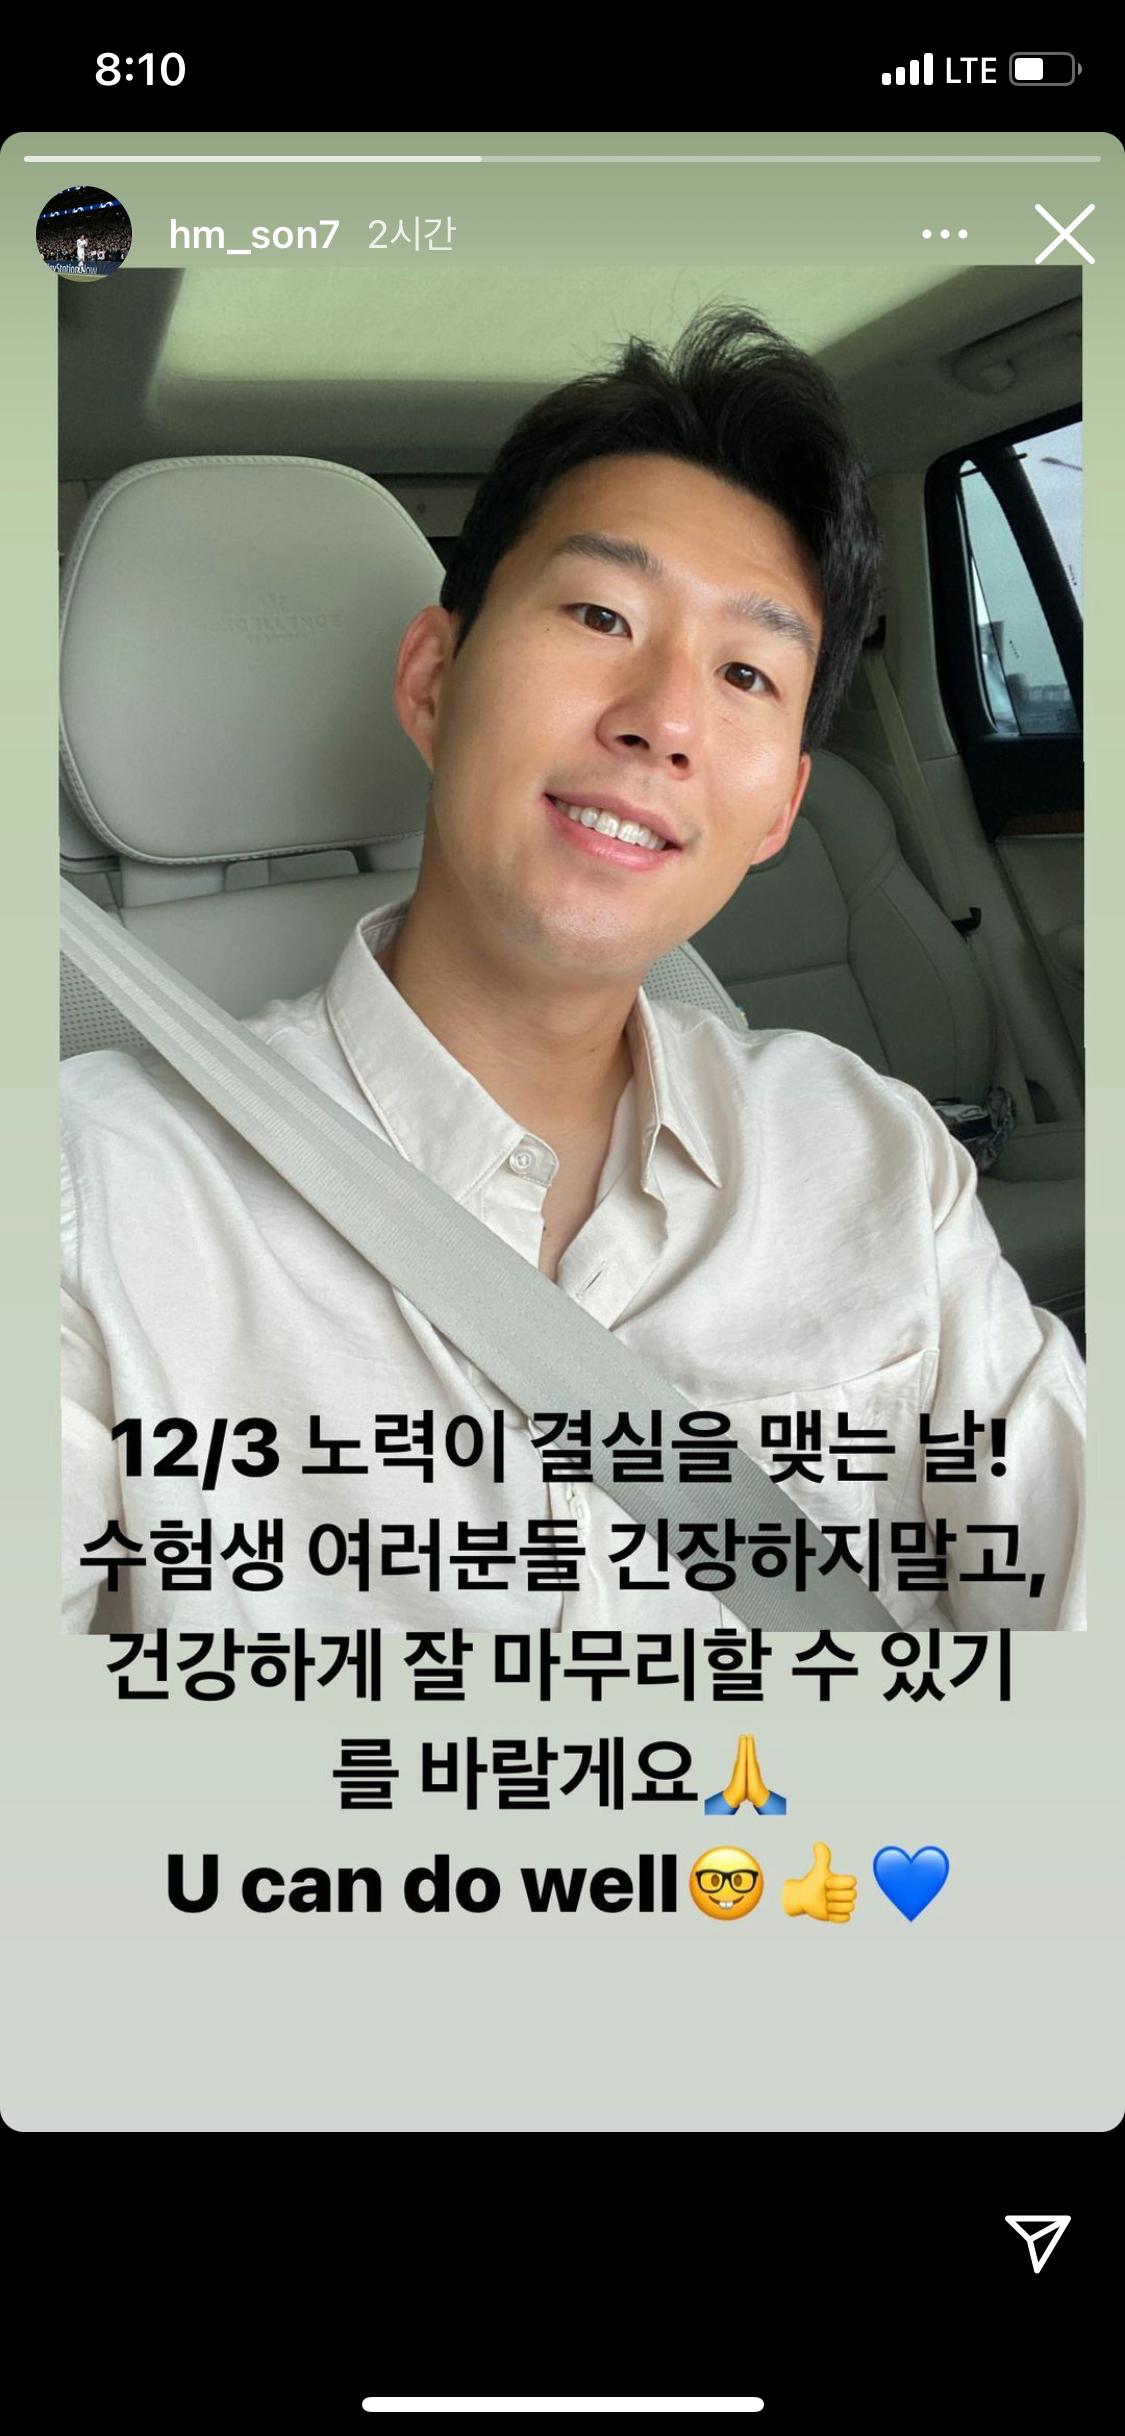 [유머] 손흥민의 수험생들 수능 응원 -  와이드섬